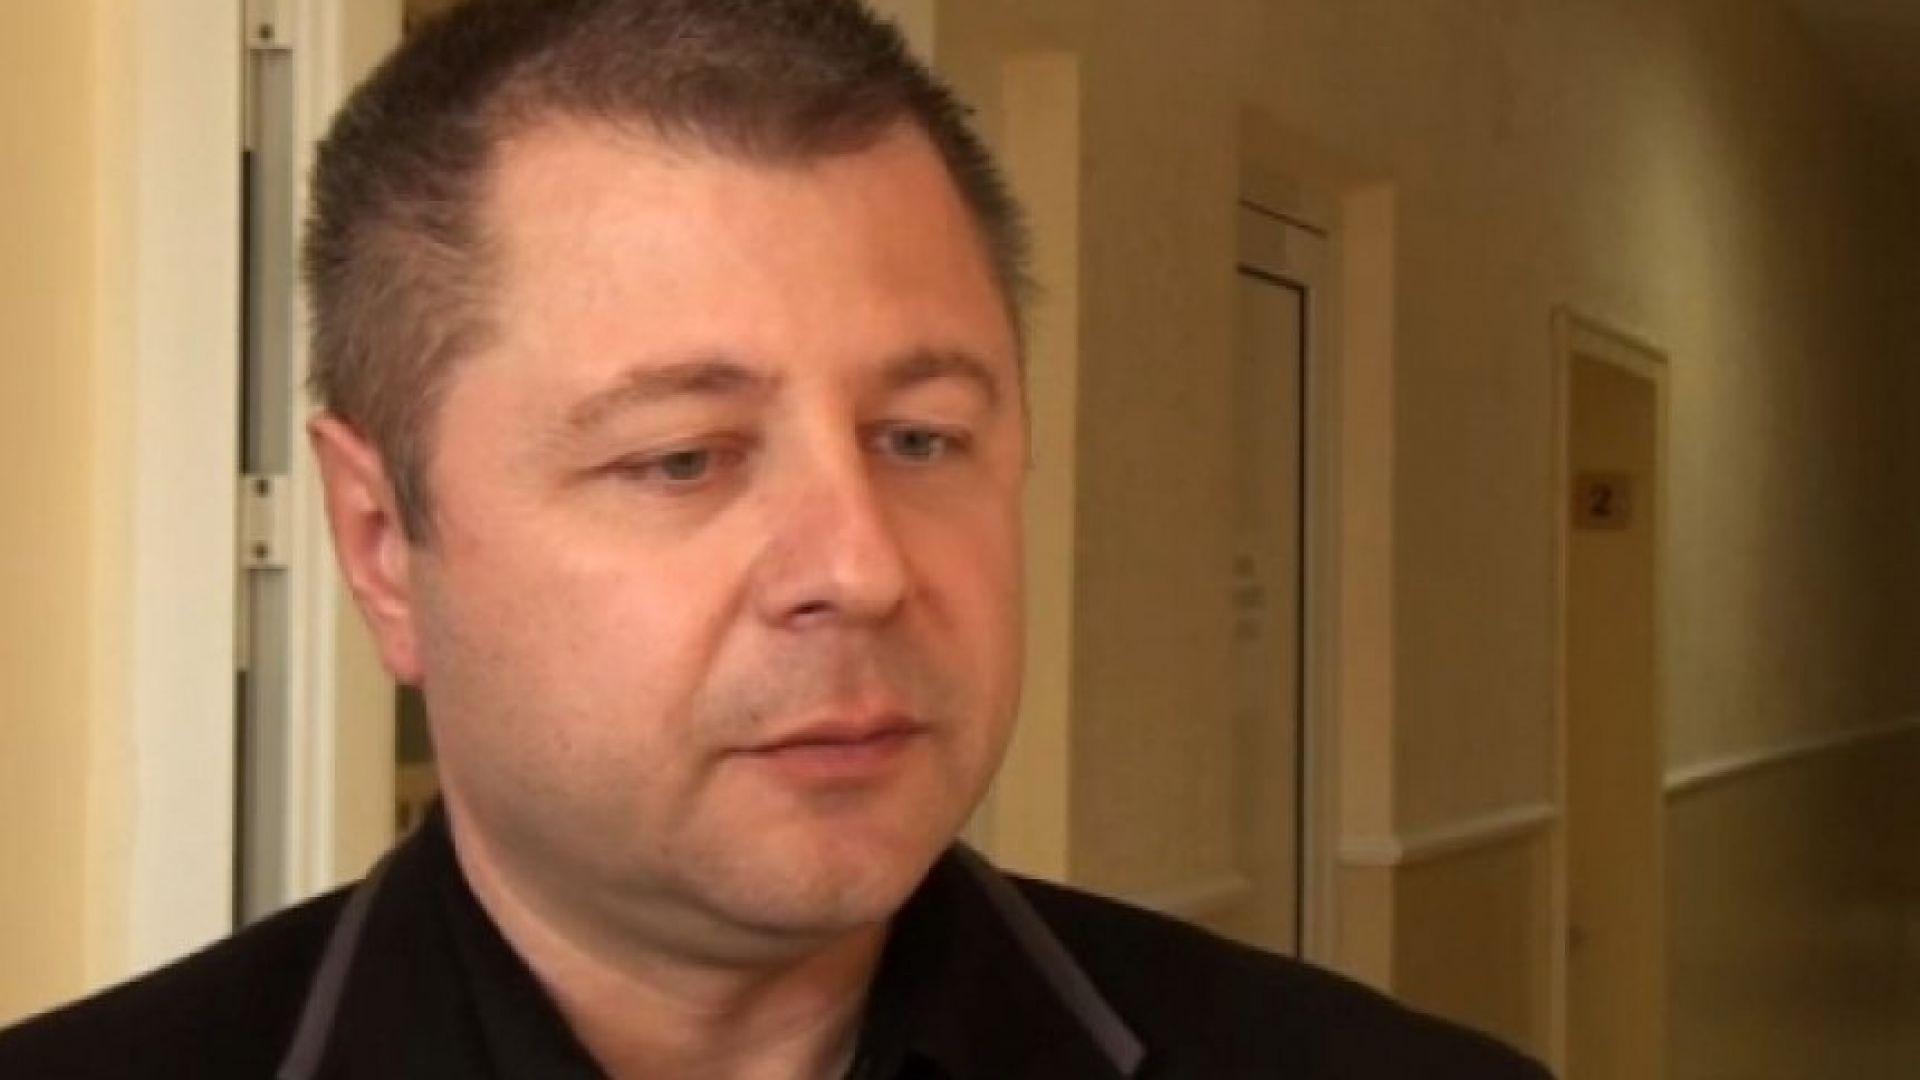 Осъдиха бивишия шеф на рибарската агенция Янчо Янев заради незаконен улов на калкан